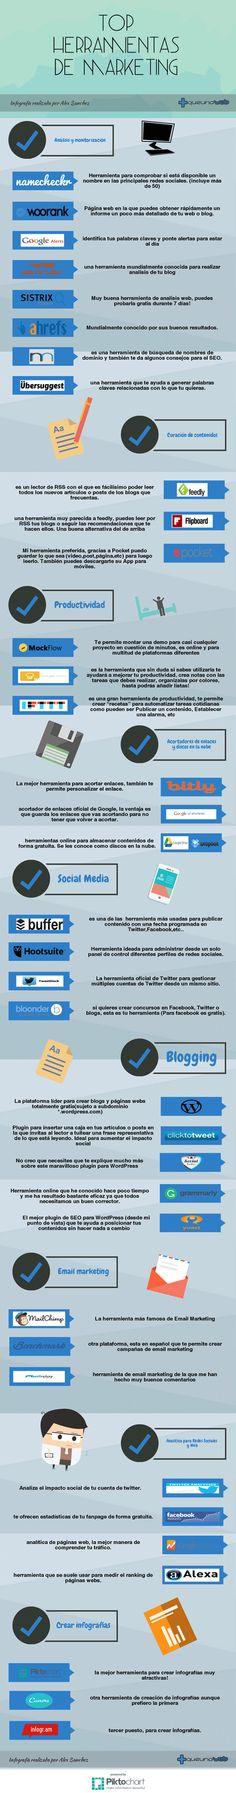 Las mejores herramientas de #MarketingDigital para los profesionales de #SocialMedia